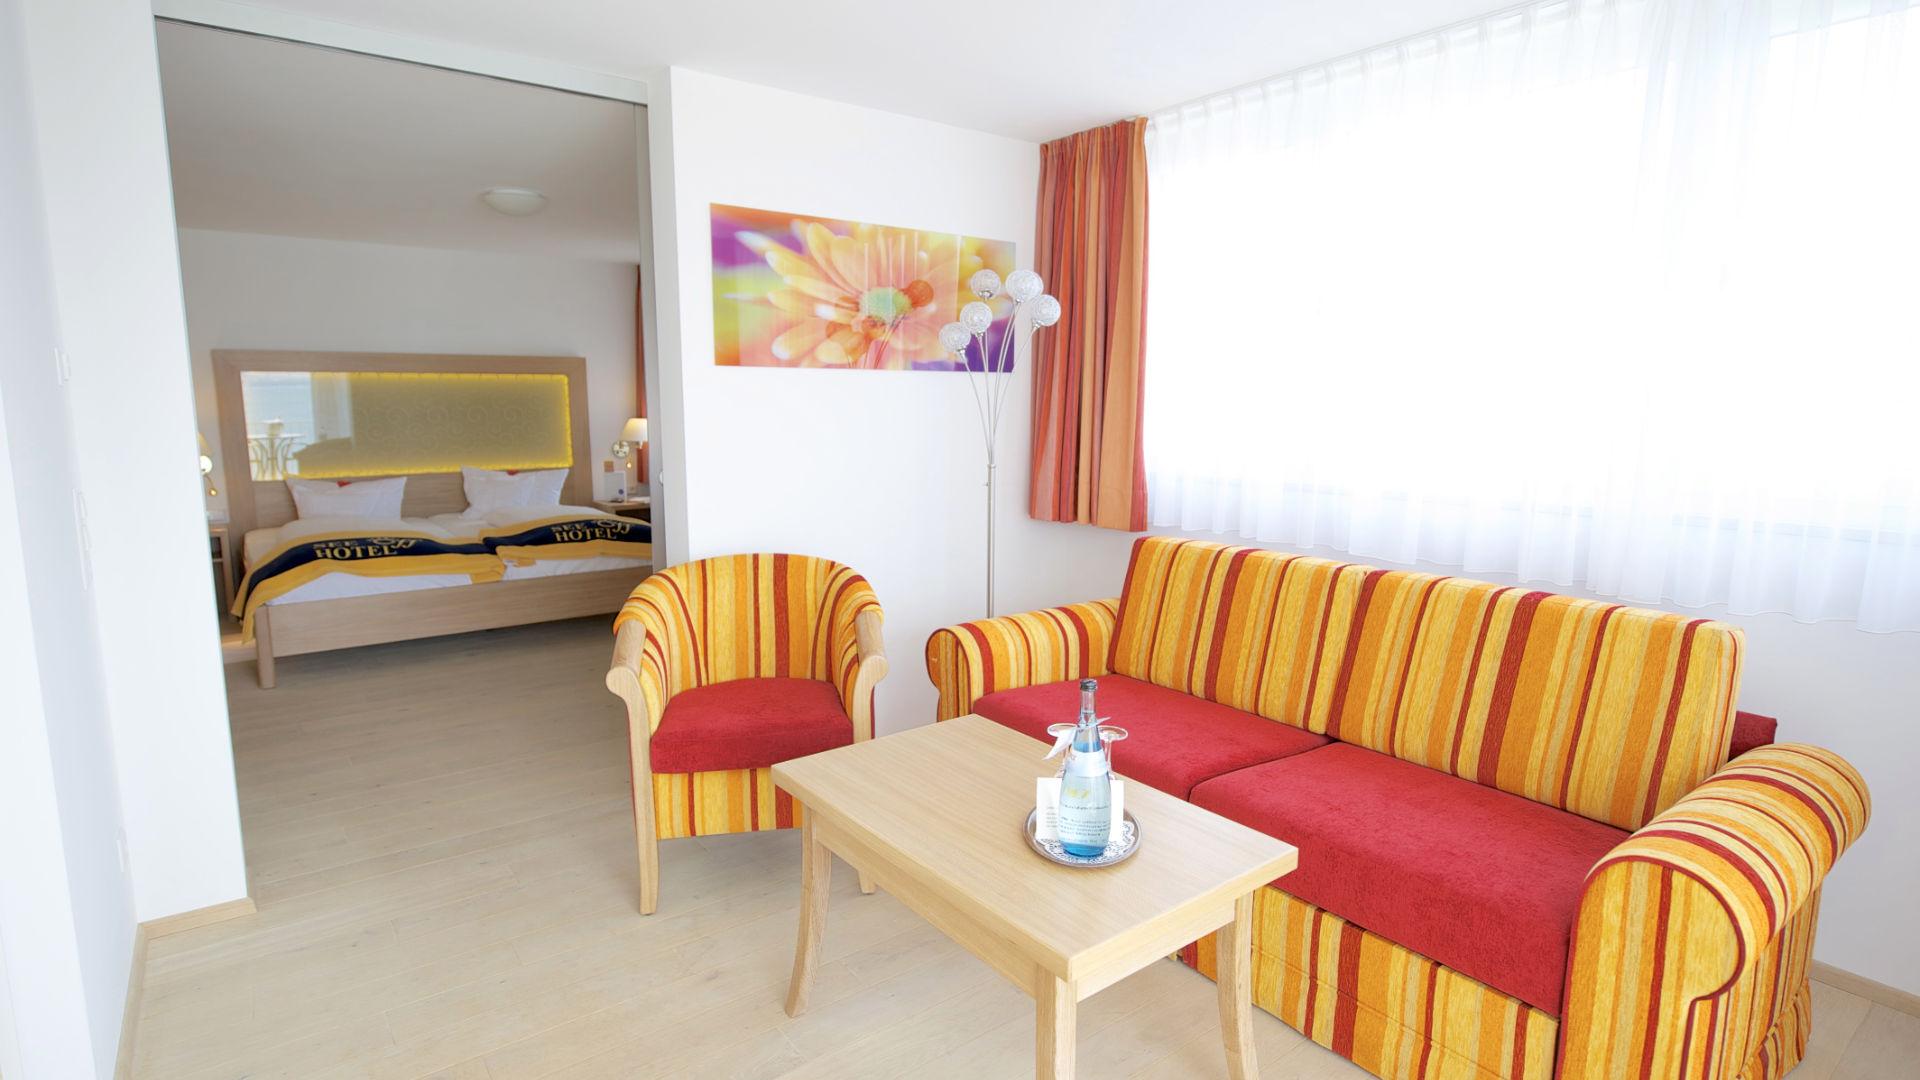 Wohnbereich der Suite mit gemütlichem Sofa